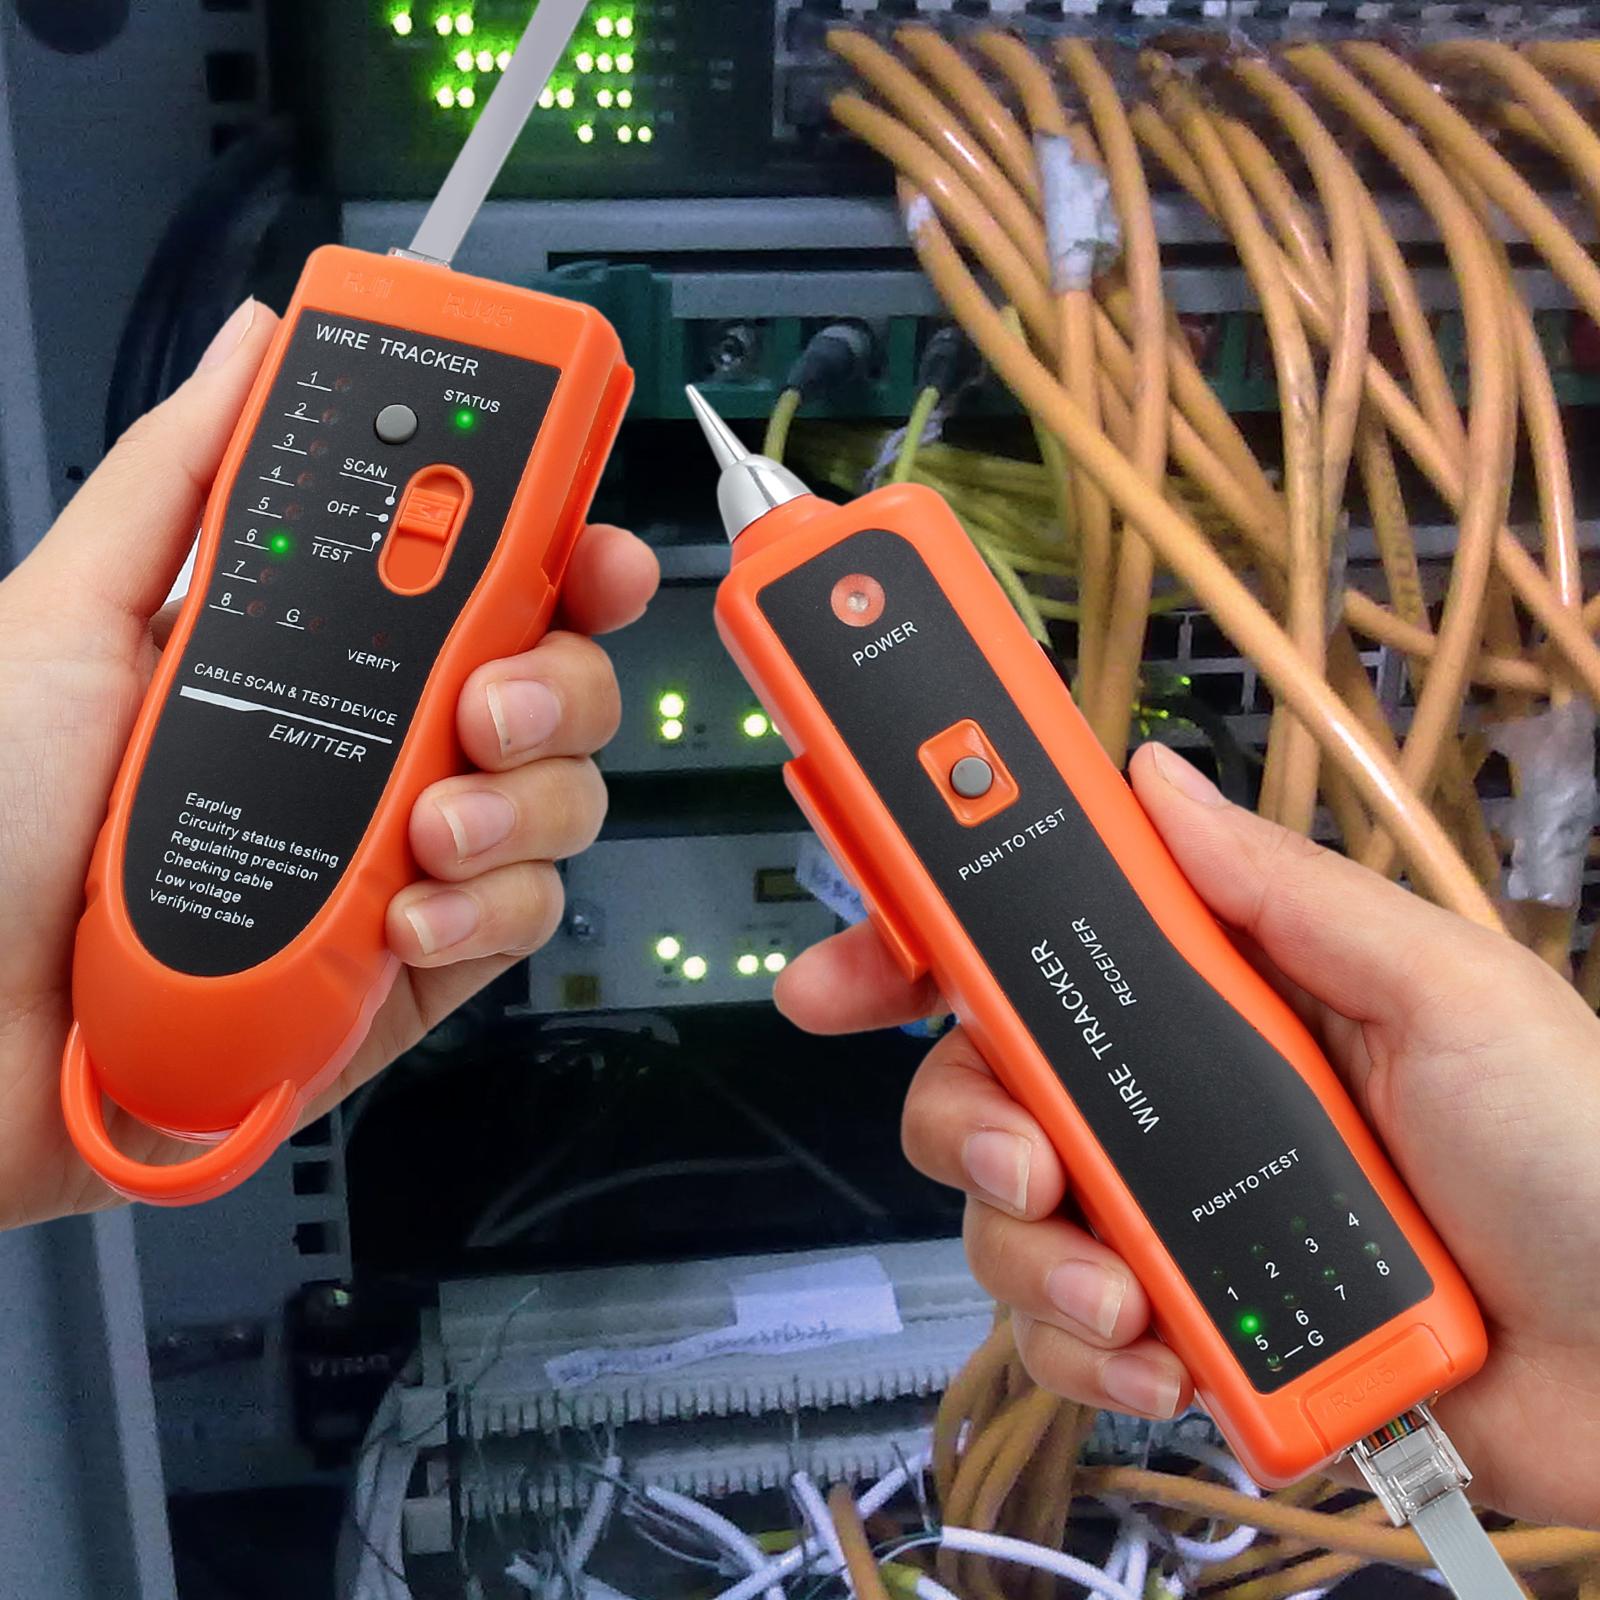 kabelfinder kabeltester netzwerk tester draht tracker fr rj45 rj11 lan kabel ebay. Black Bedroom Furniture Sets. Home Design Ideas